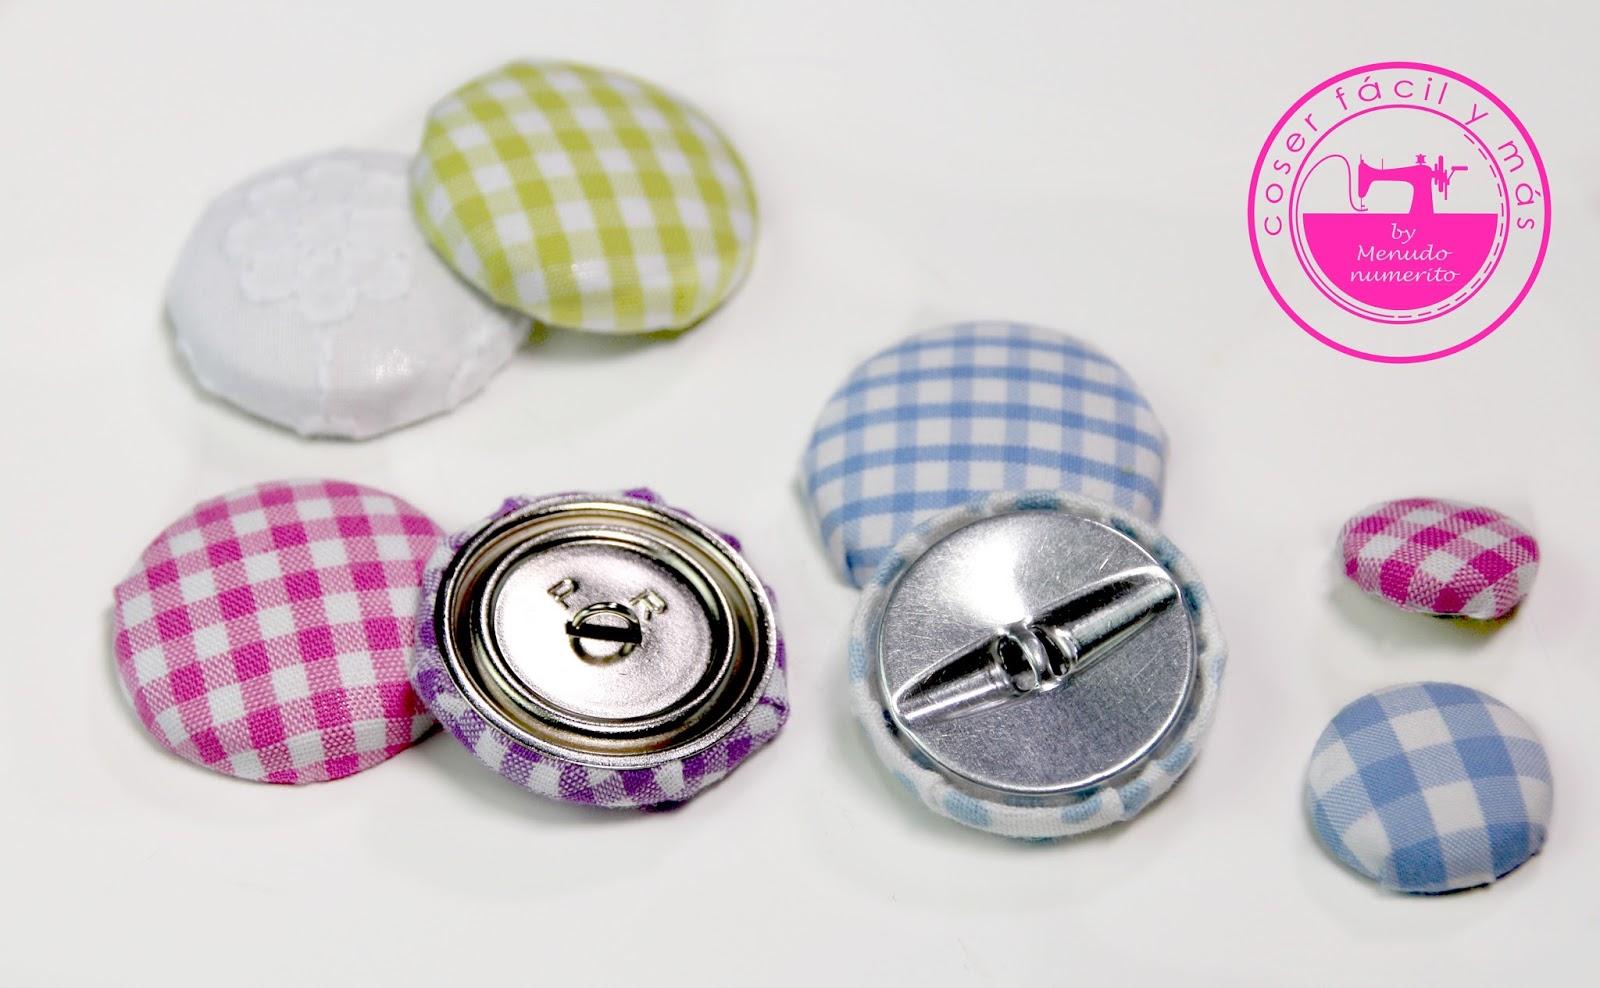 El blog de coser f cil y m s by menudo numerito - Botones para forrar ...